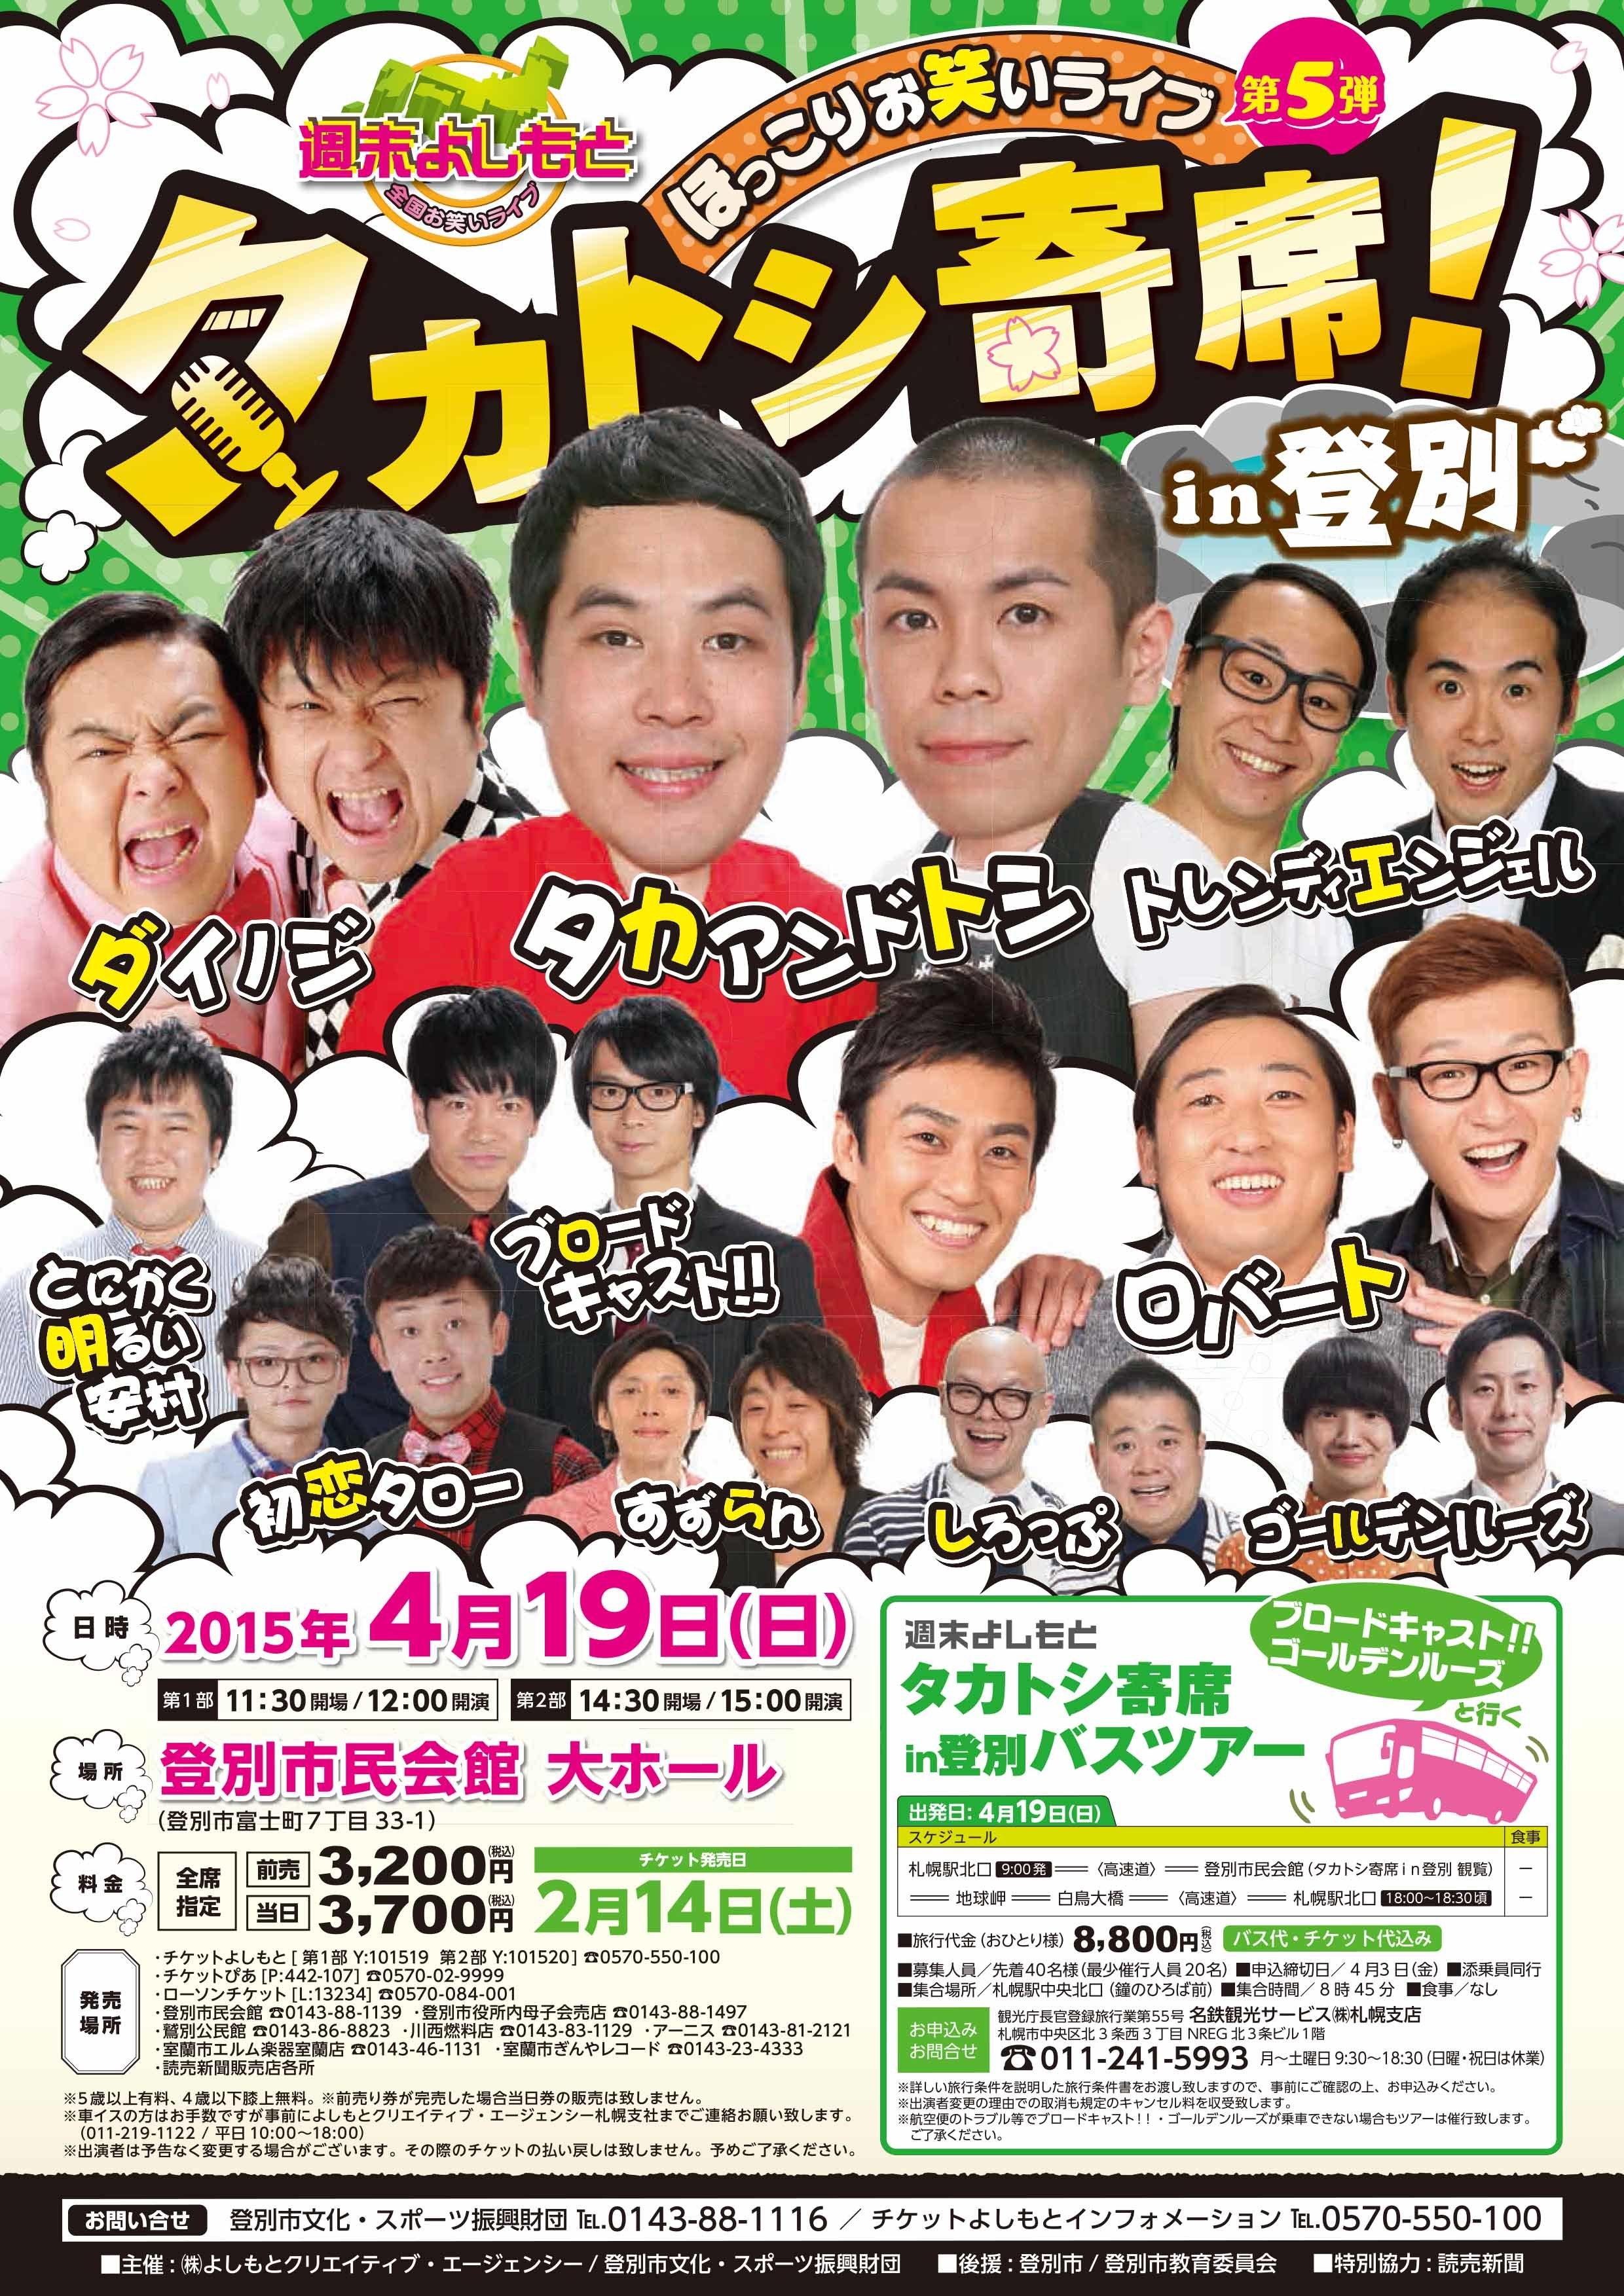 http://www.syumatsu.jp/photos/uncategorized/2015/02/23/20150223113302-61d5a7d06ce245293938655846840673bd7cde11.jpg